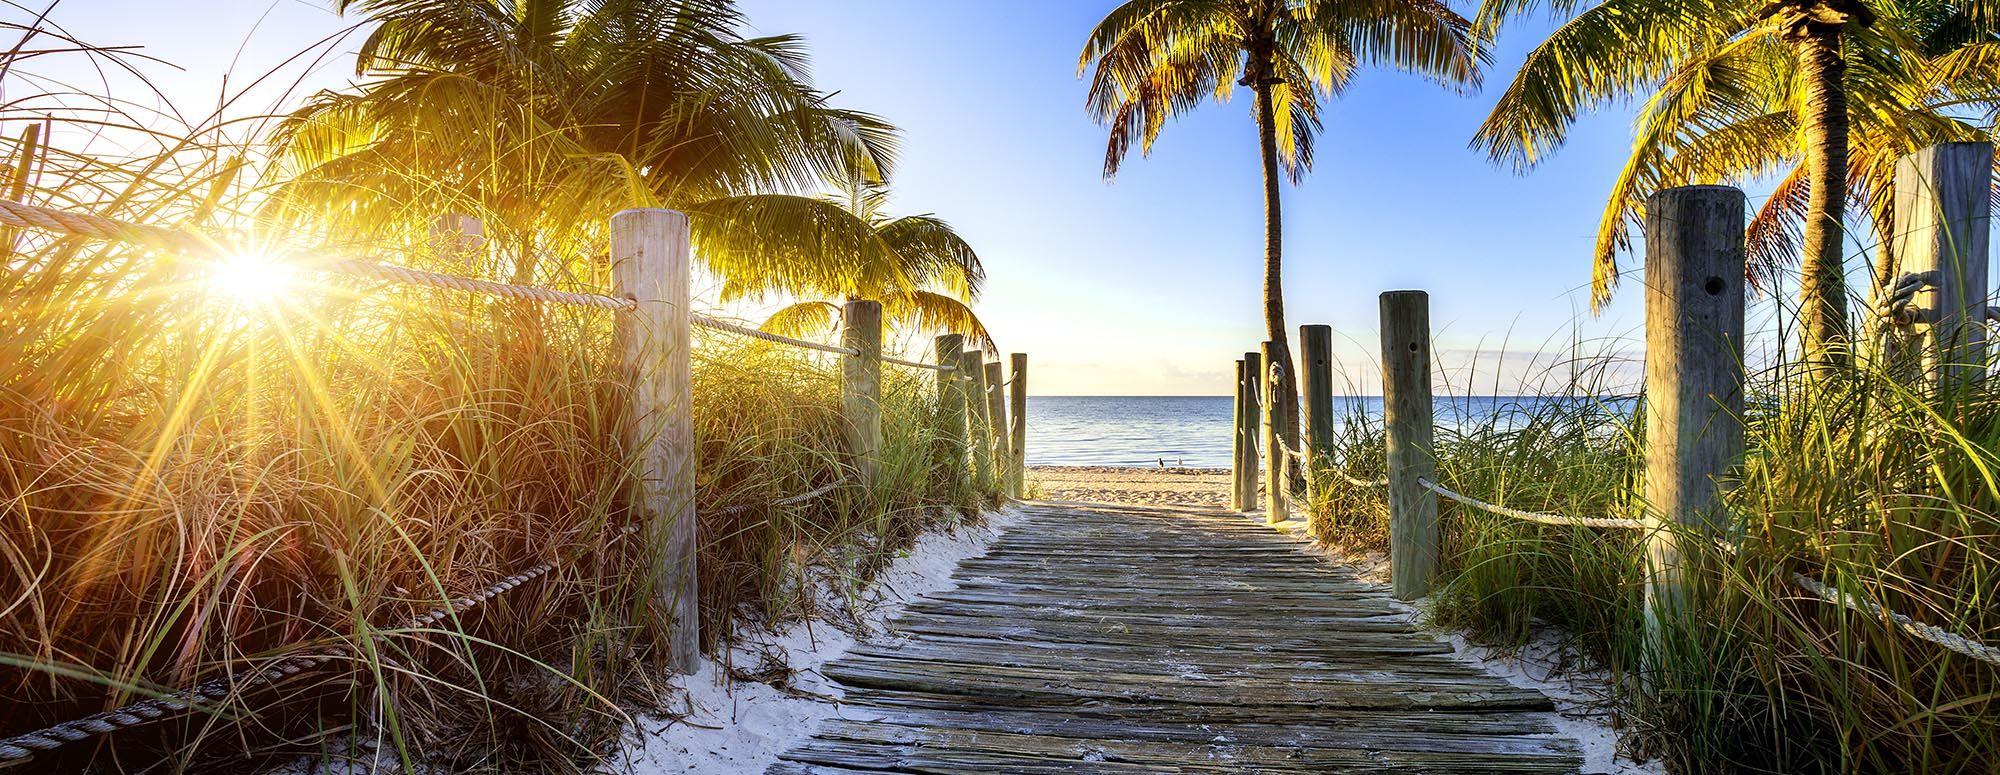 Carros de alquiler Miami - Ponte Vedra Beach